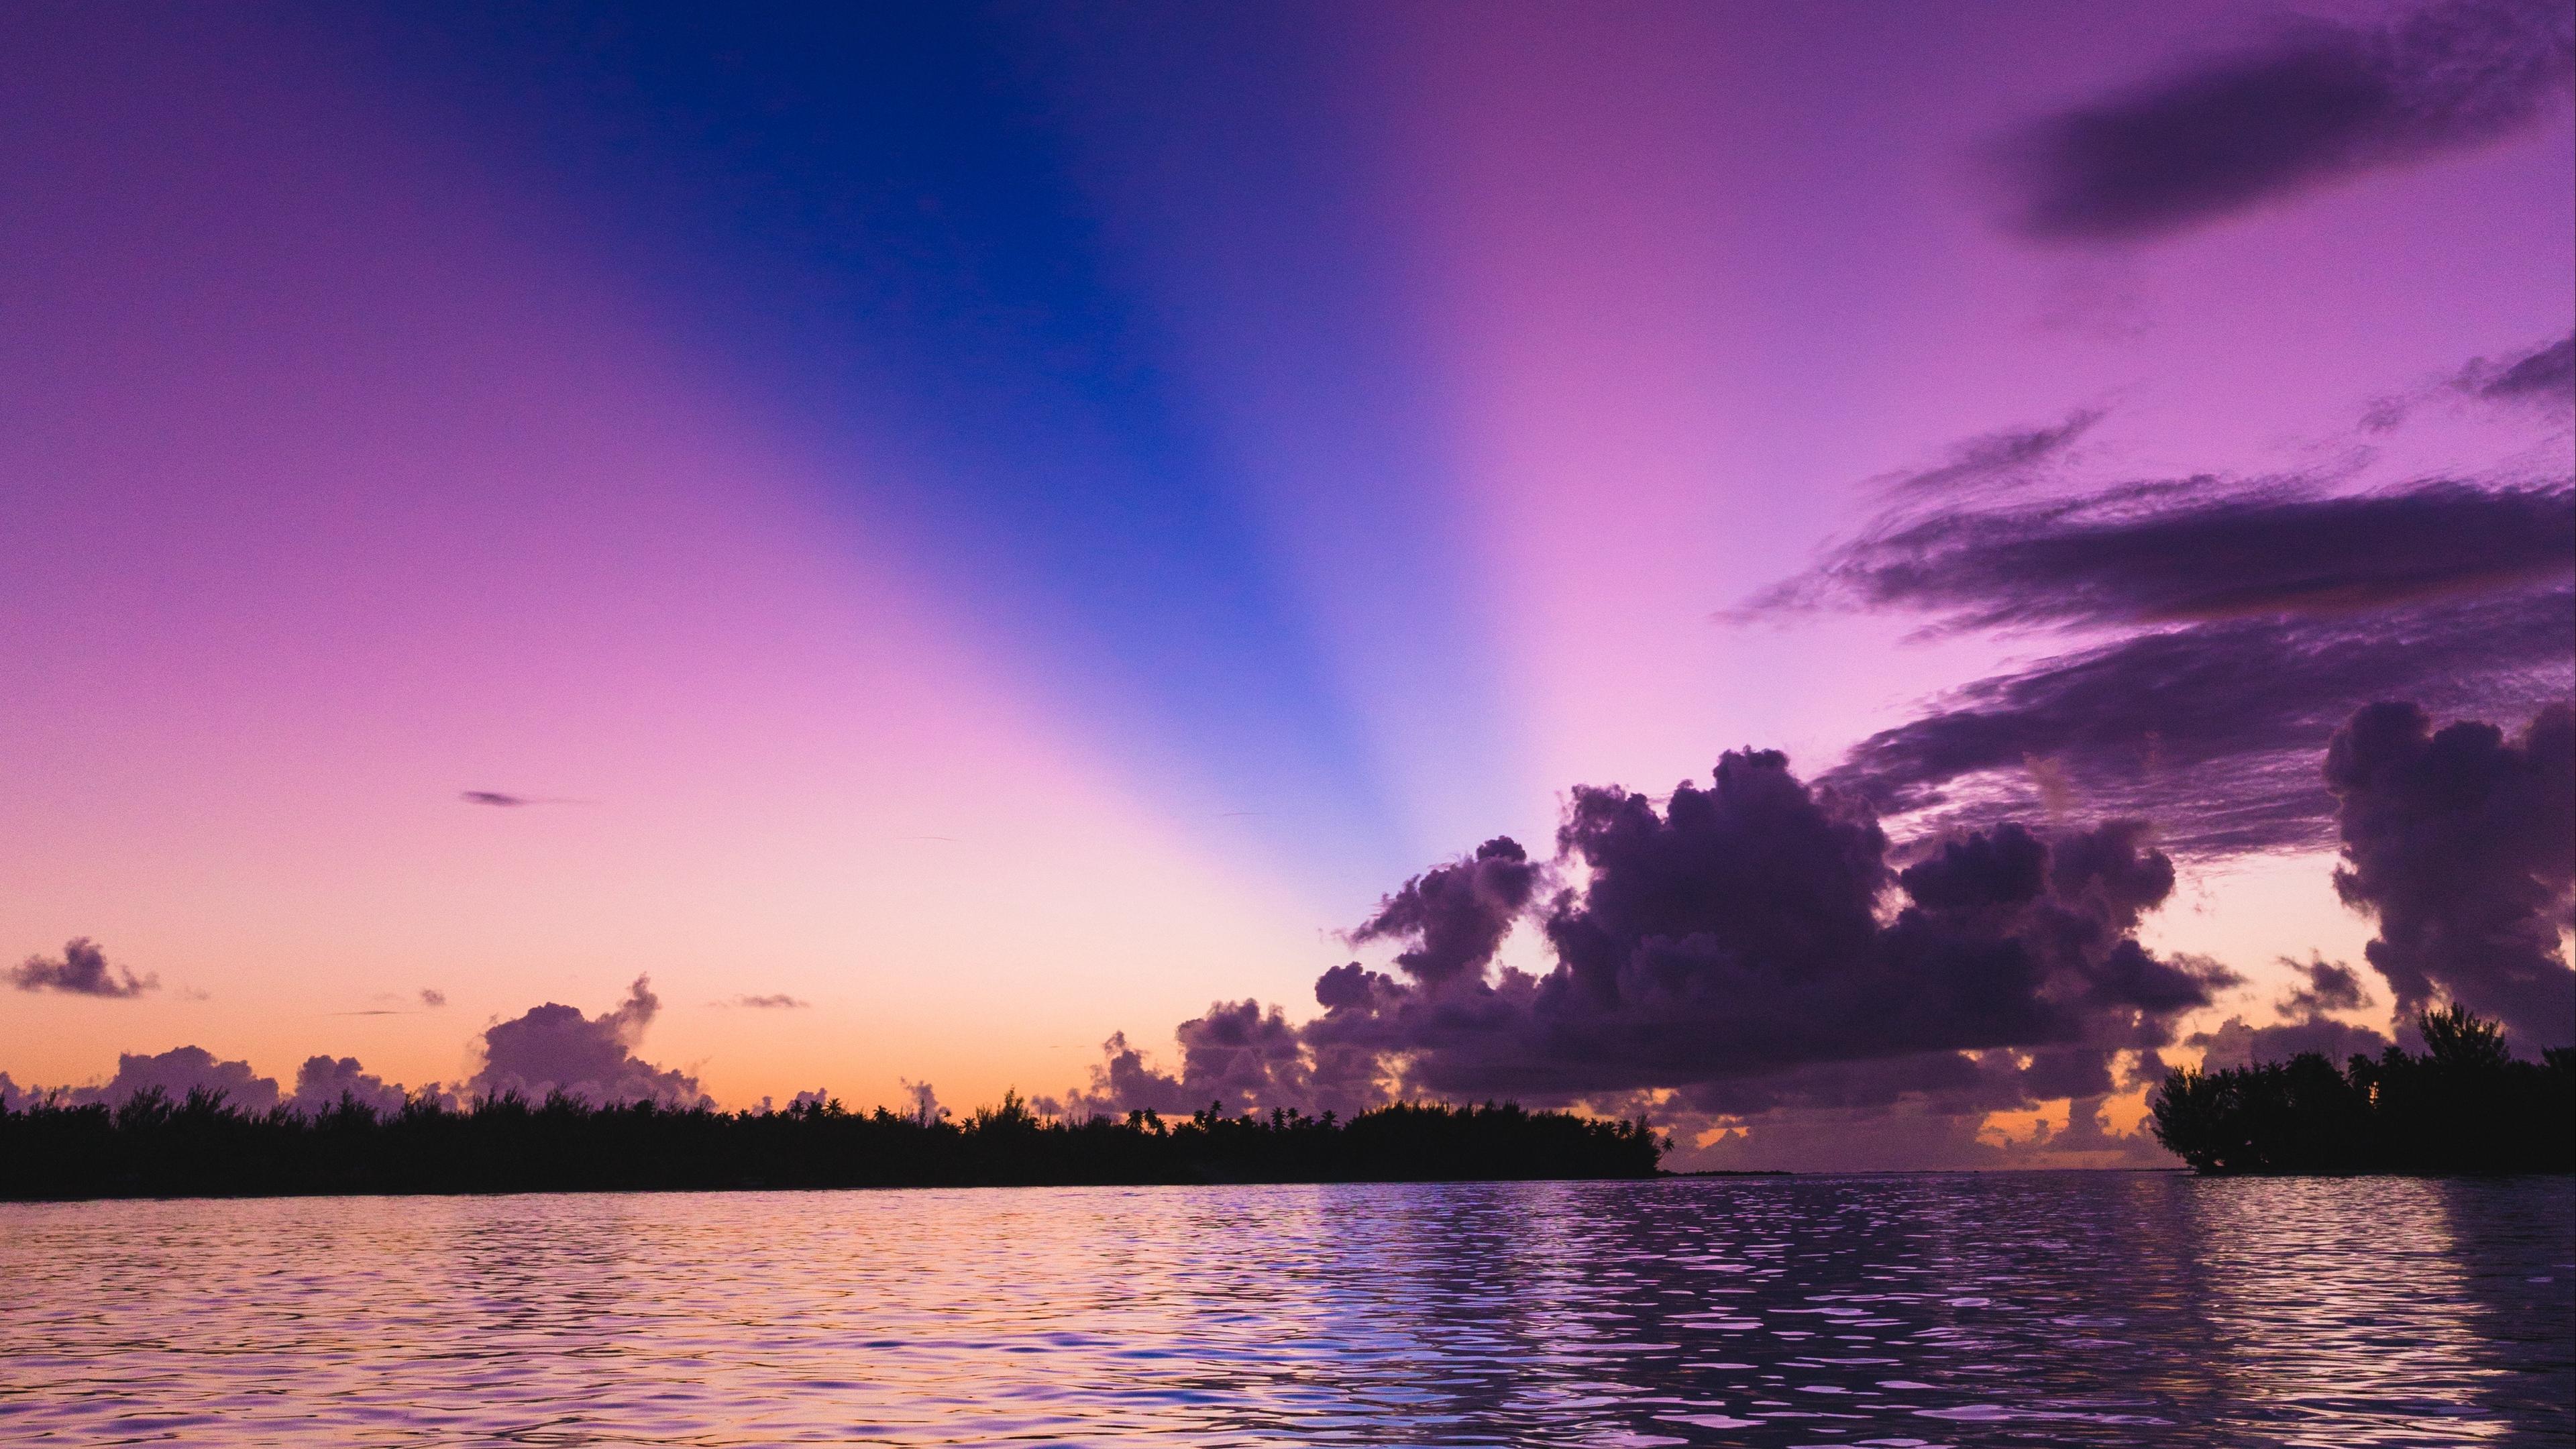 sea trees sunset sky 4k 1541117833 - sea, trees, sunset, sky 4k - Trees, sunset, Sea